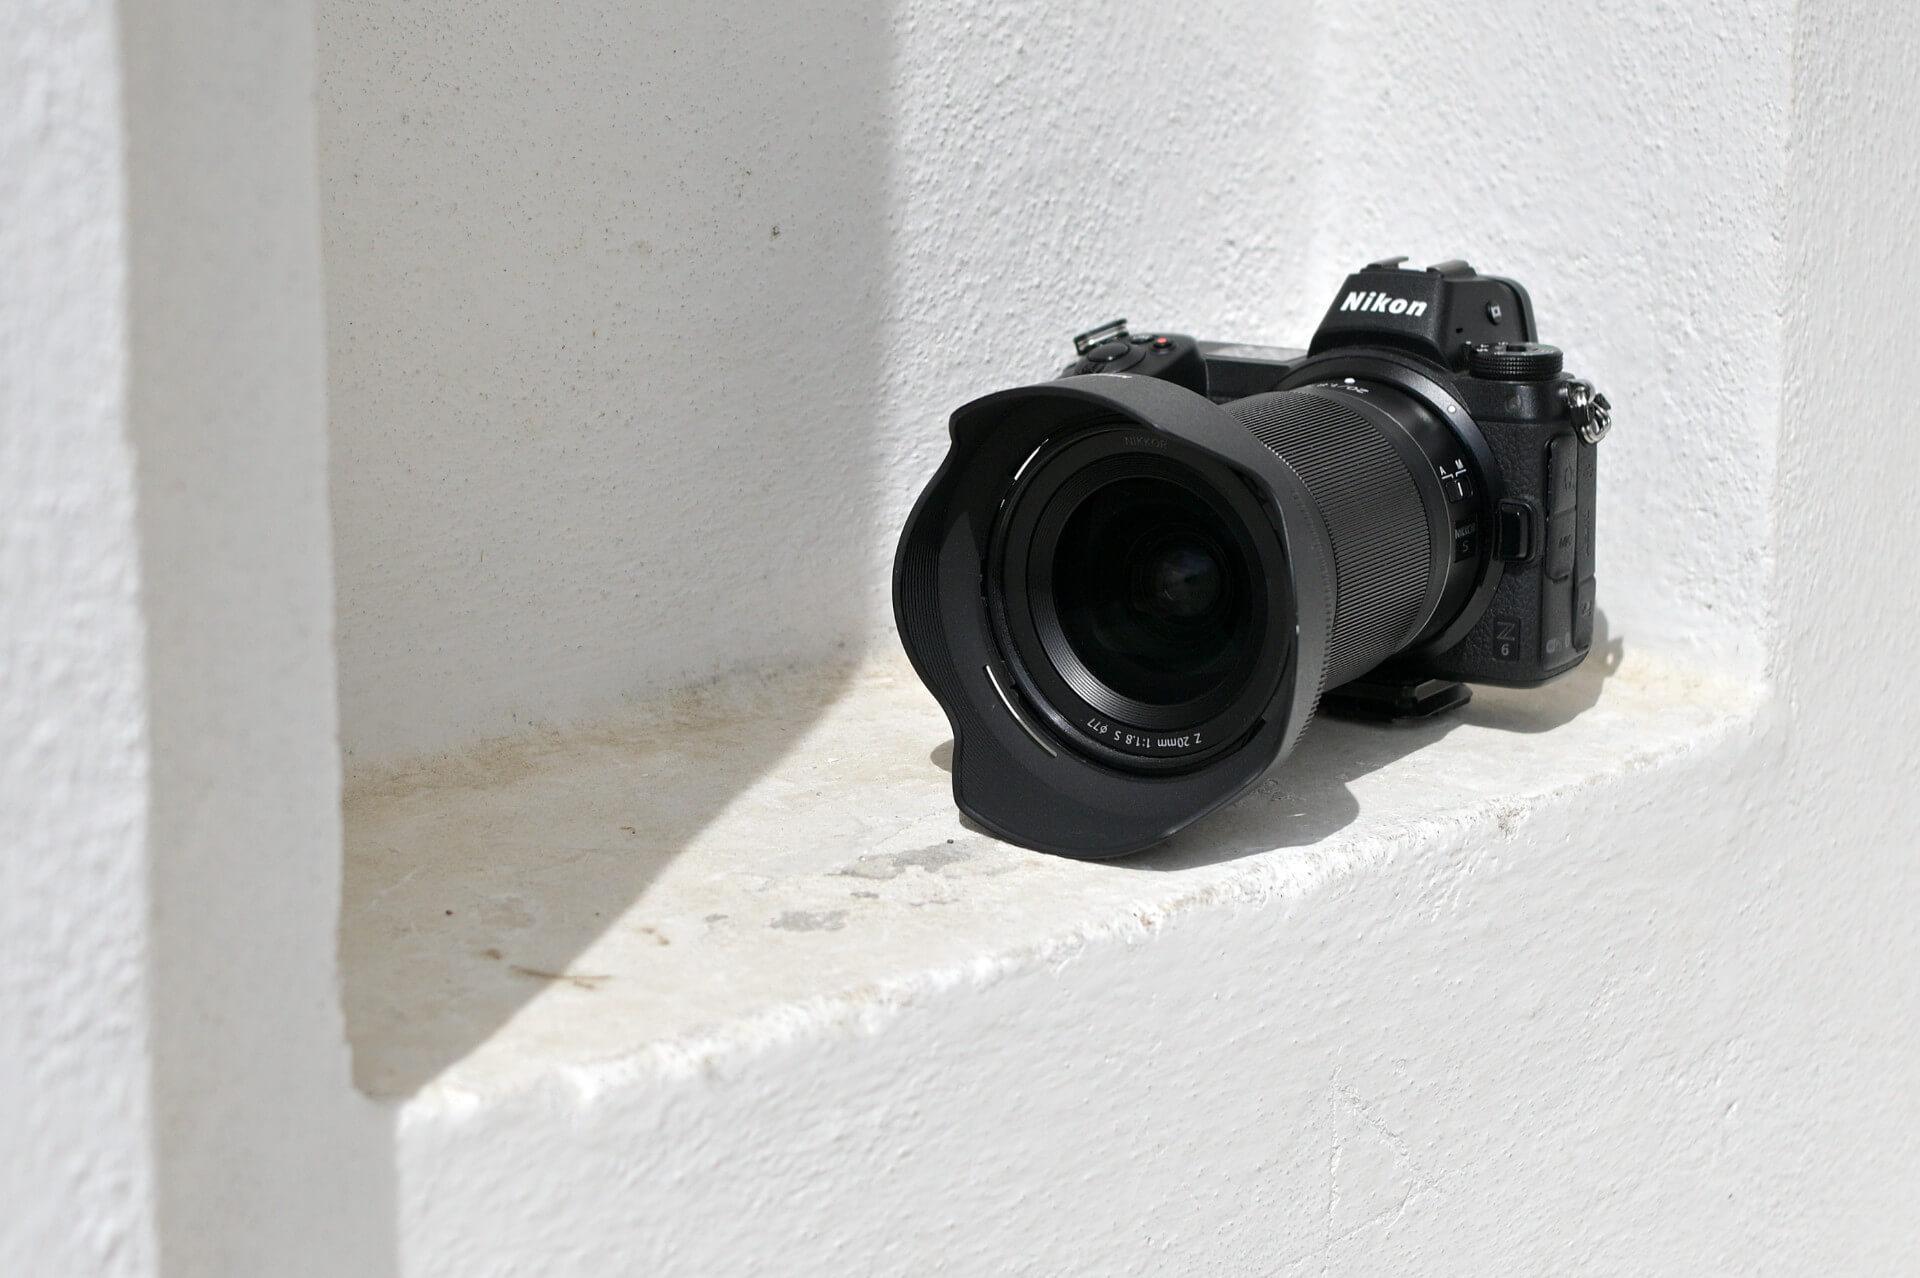 Nikkor Z 20 mm f/1,8 S na Nikonu Z 6